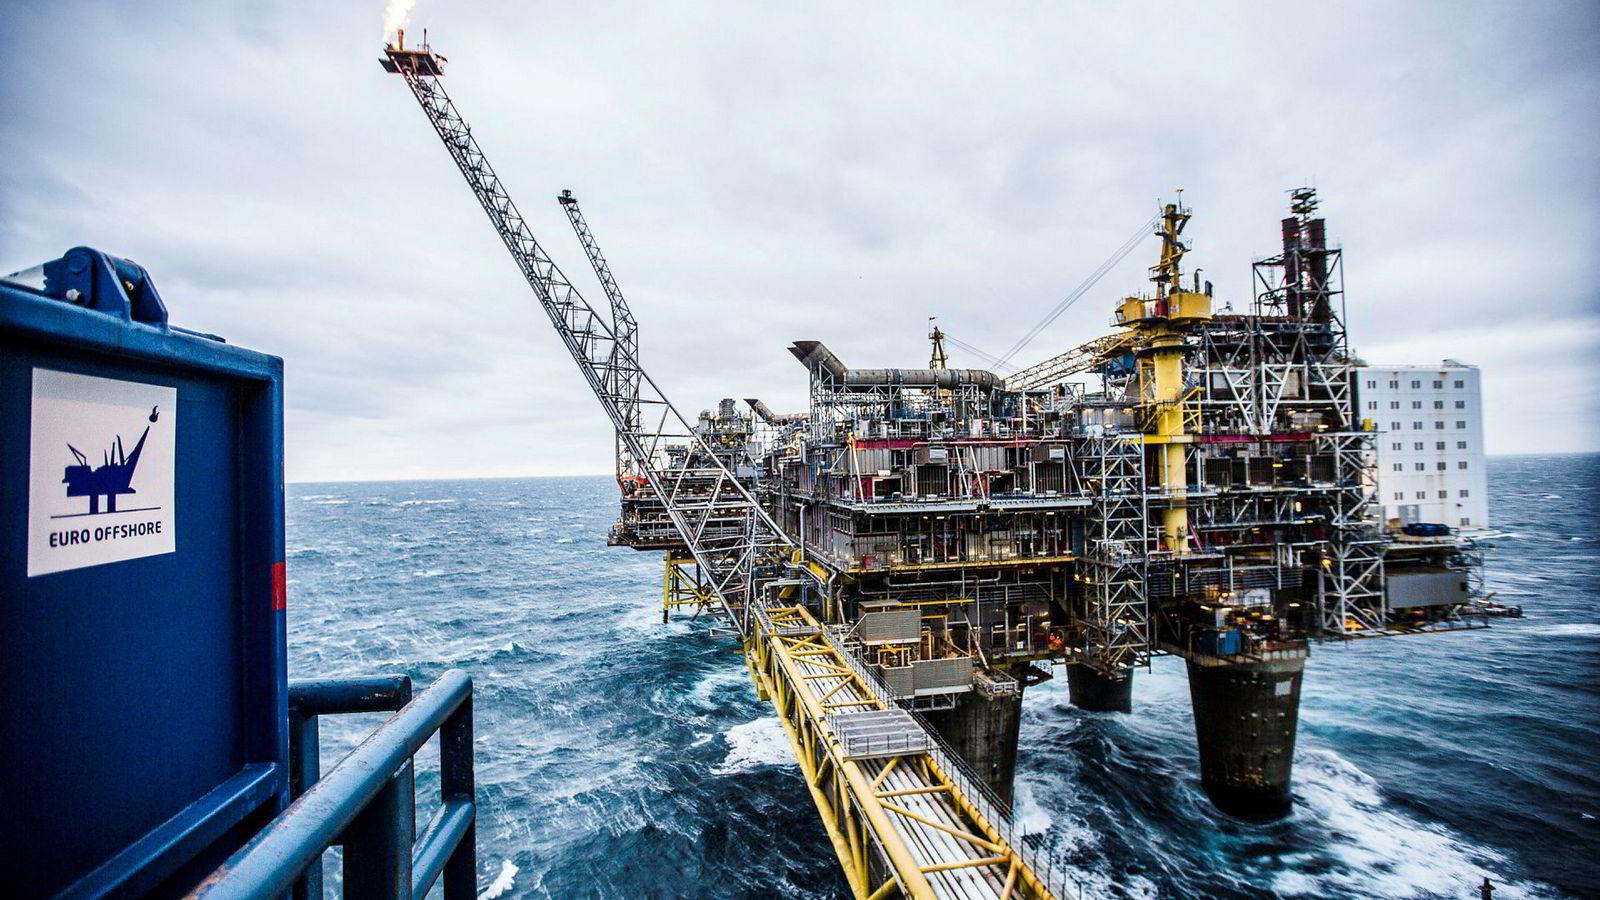 45 av de 67 milliardene i økte skatteinntekter kommer fra oljevirksomheten.